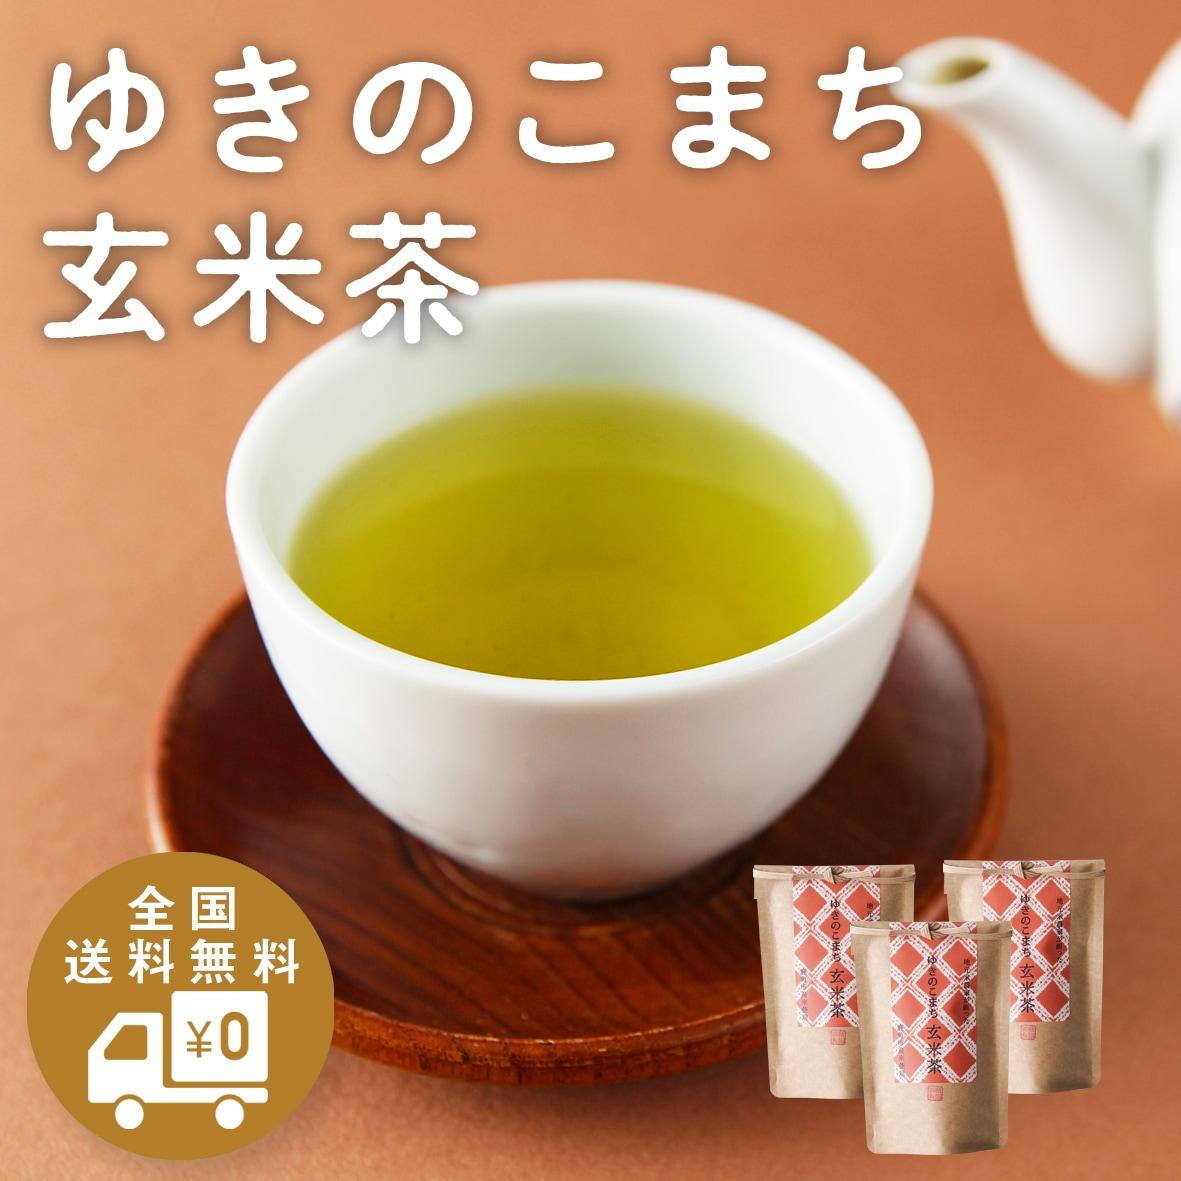 ゆきのこまち玄米茶